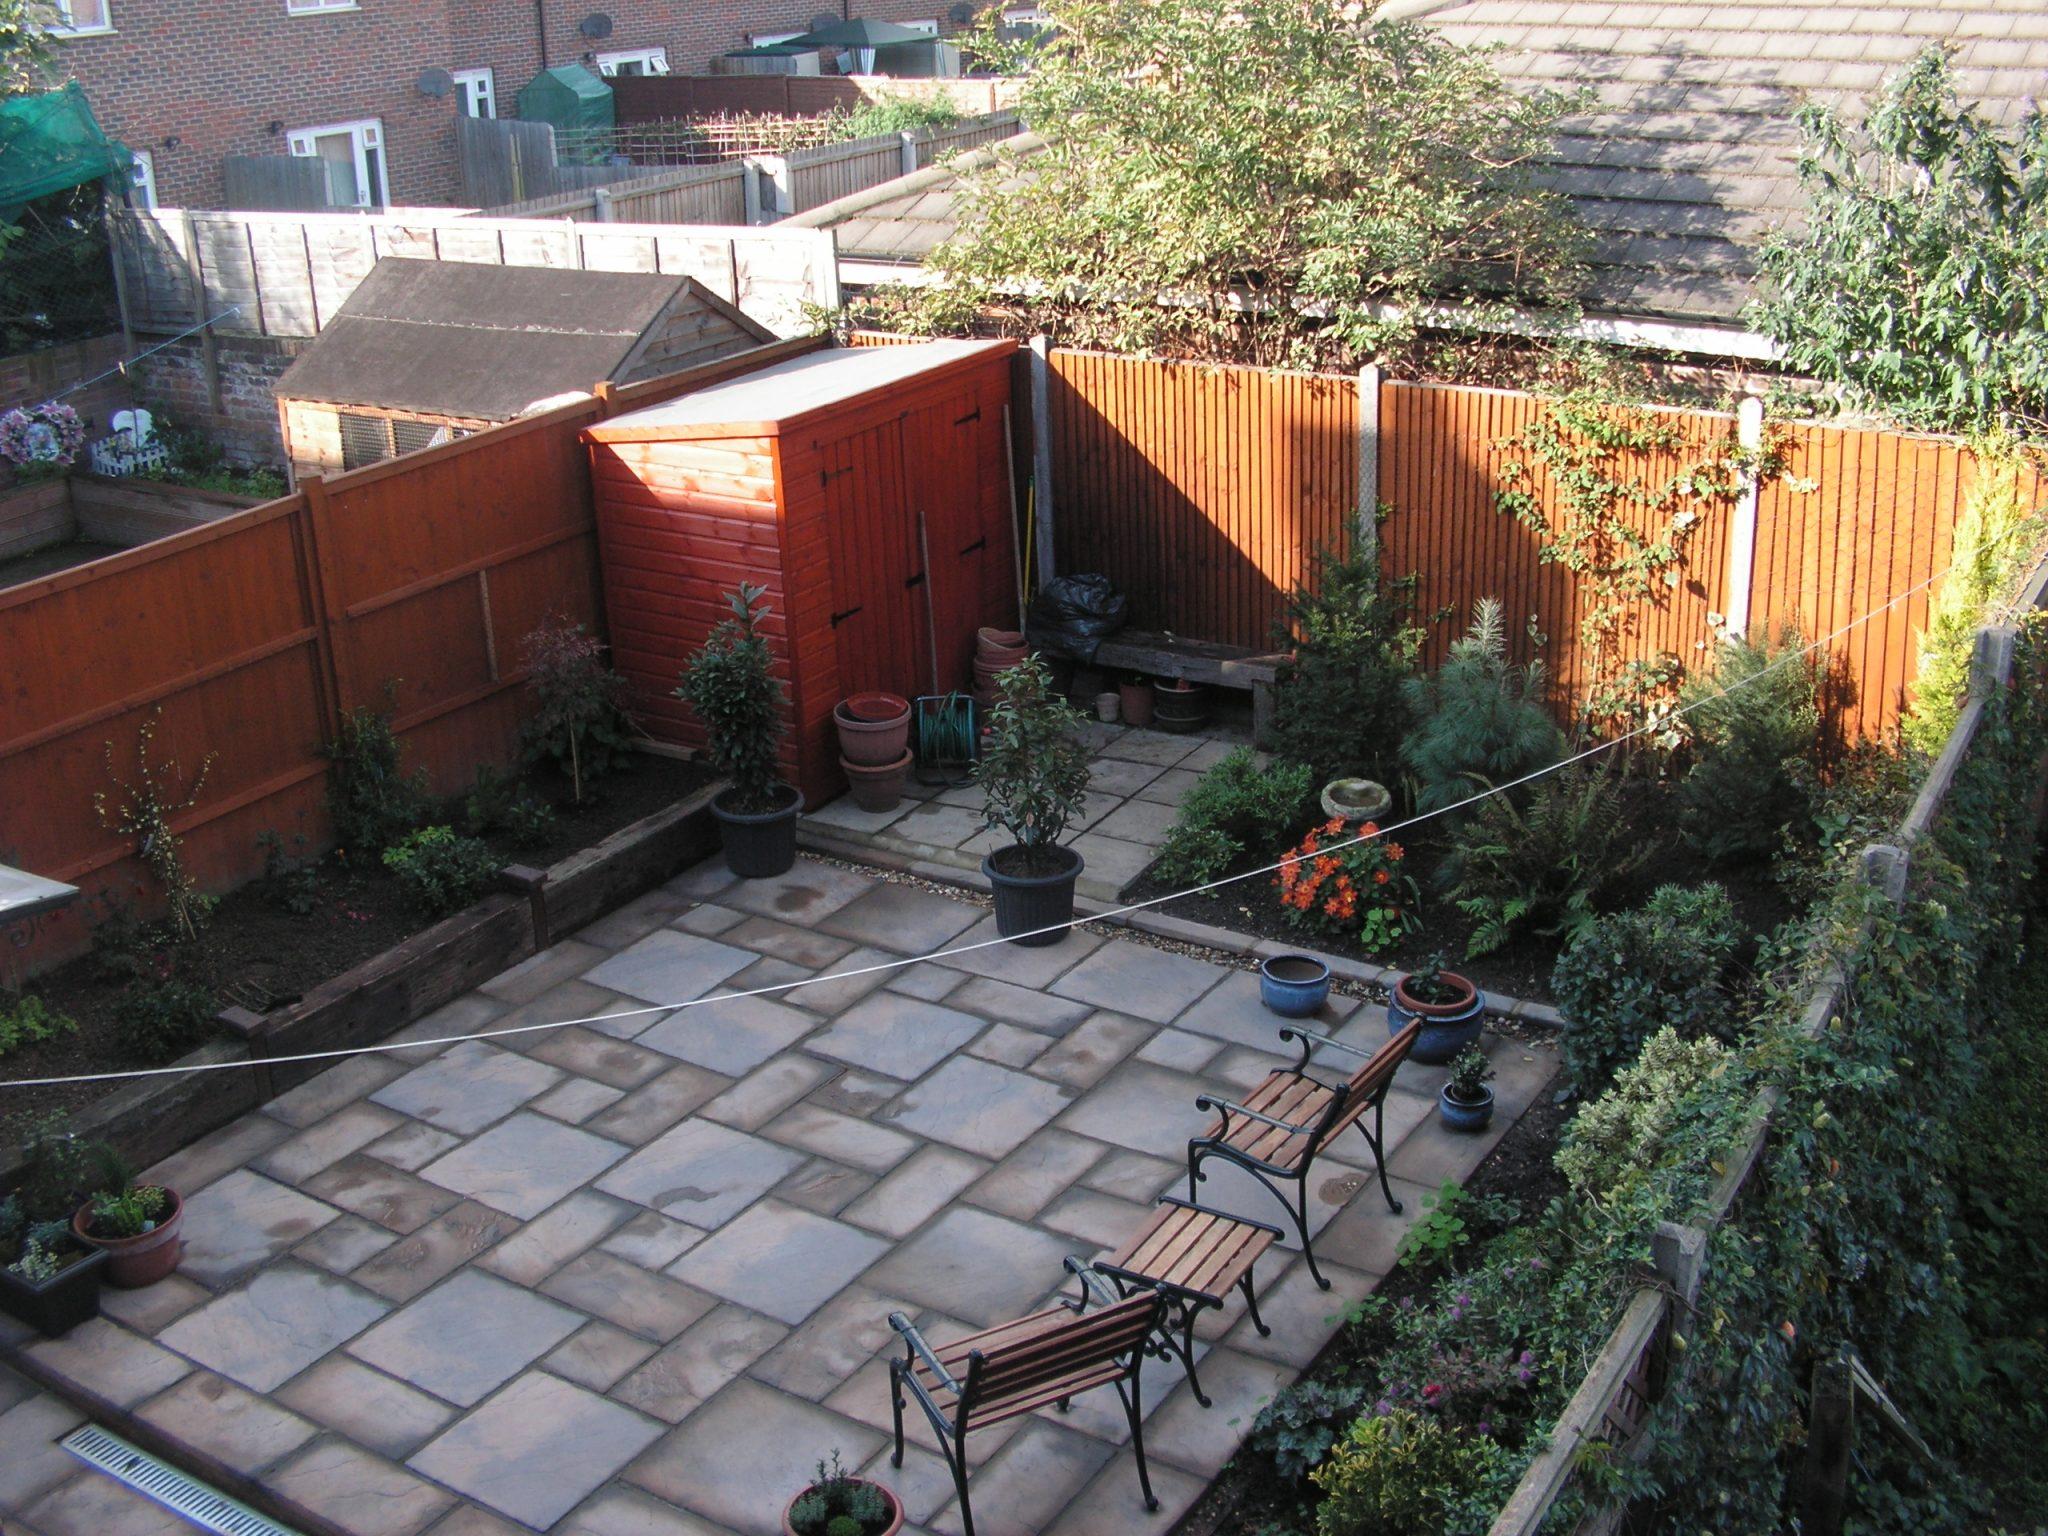 PICT0147 1 - Gardening & Landscaping